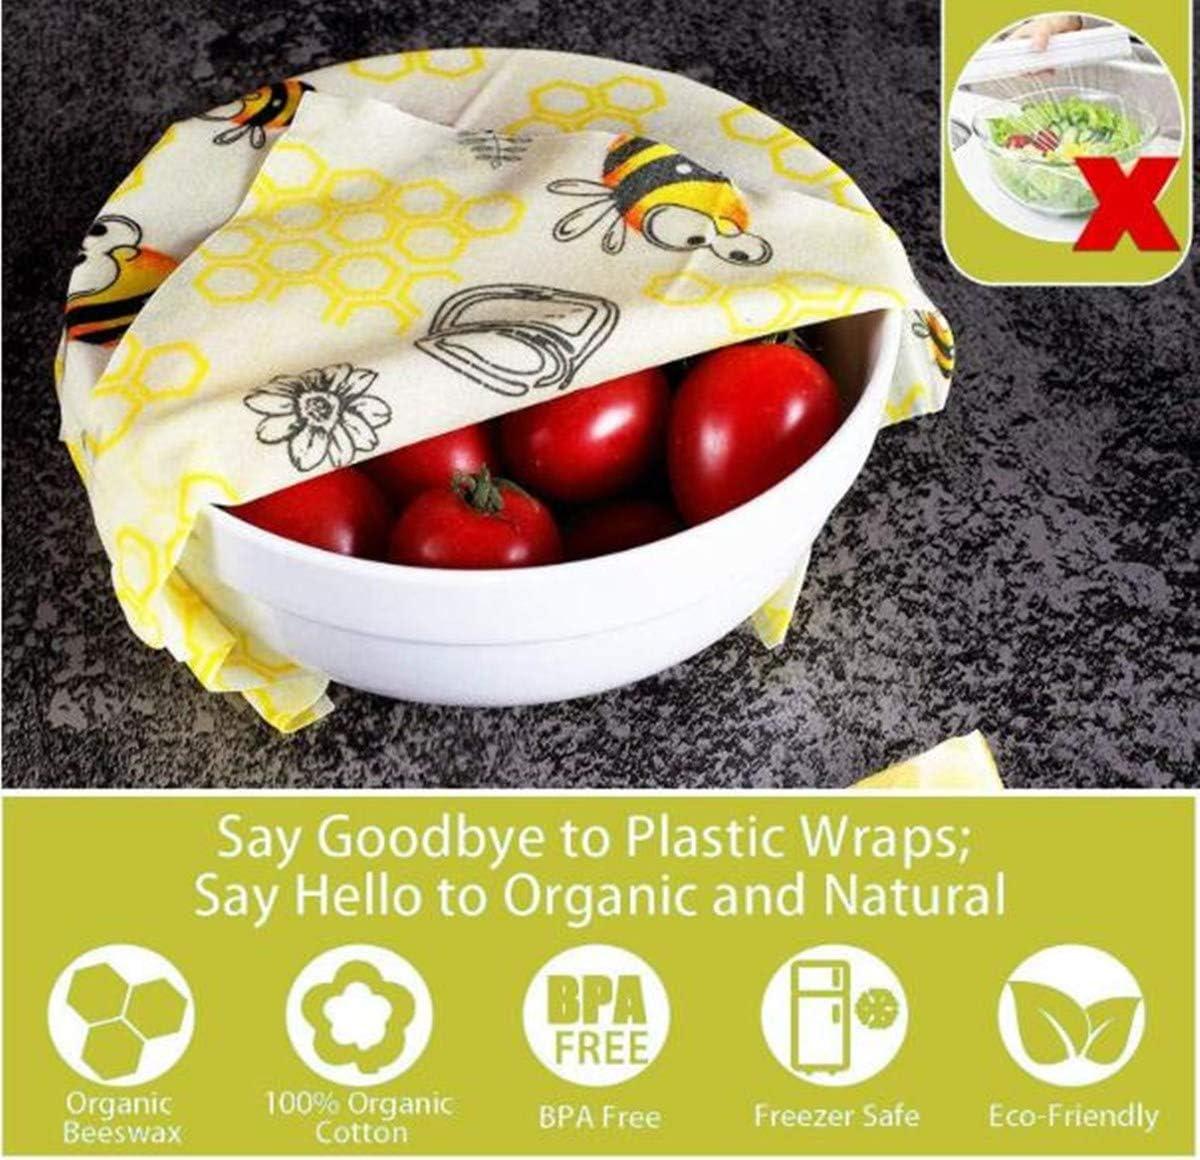 6er Set Wiederverwendbare Bienenwachst/ücher Bio Bienenwachs Lebensmittelverpackung A Beeswax Warp Wachspapier